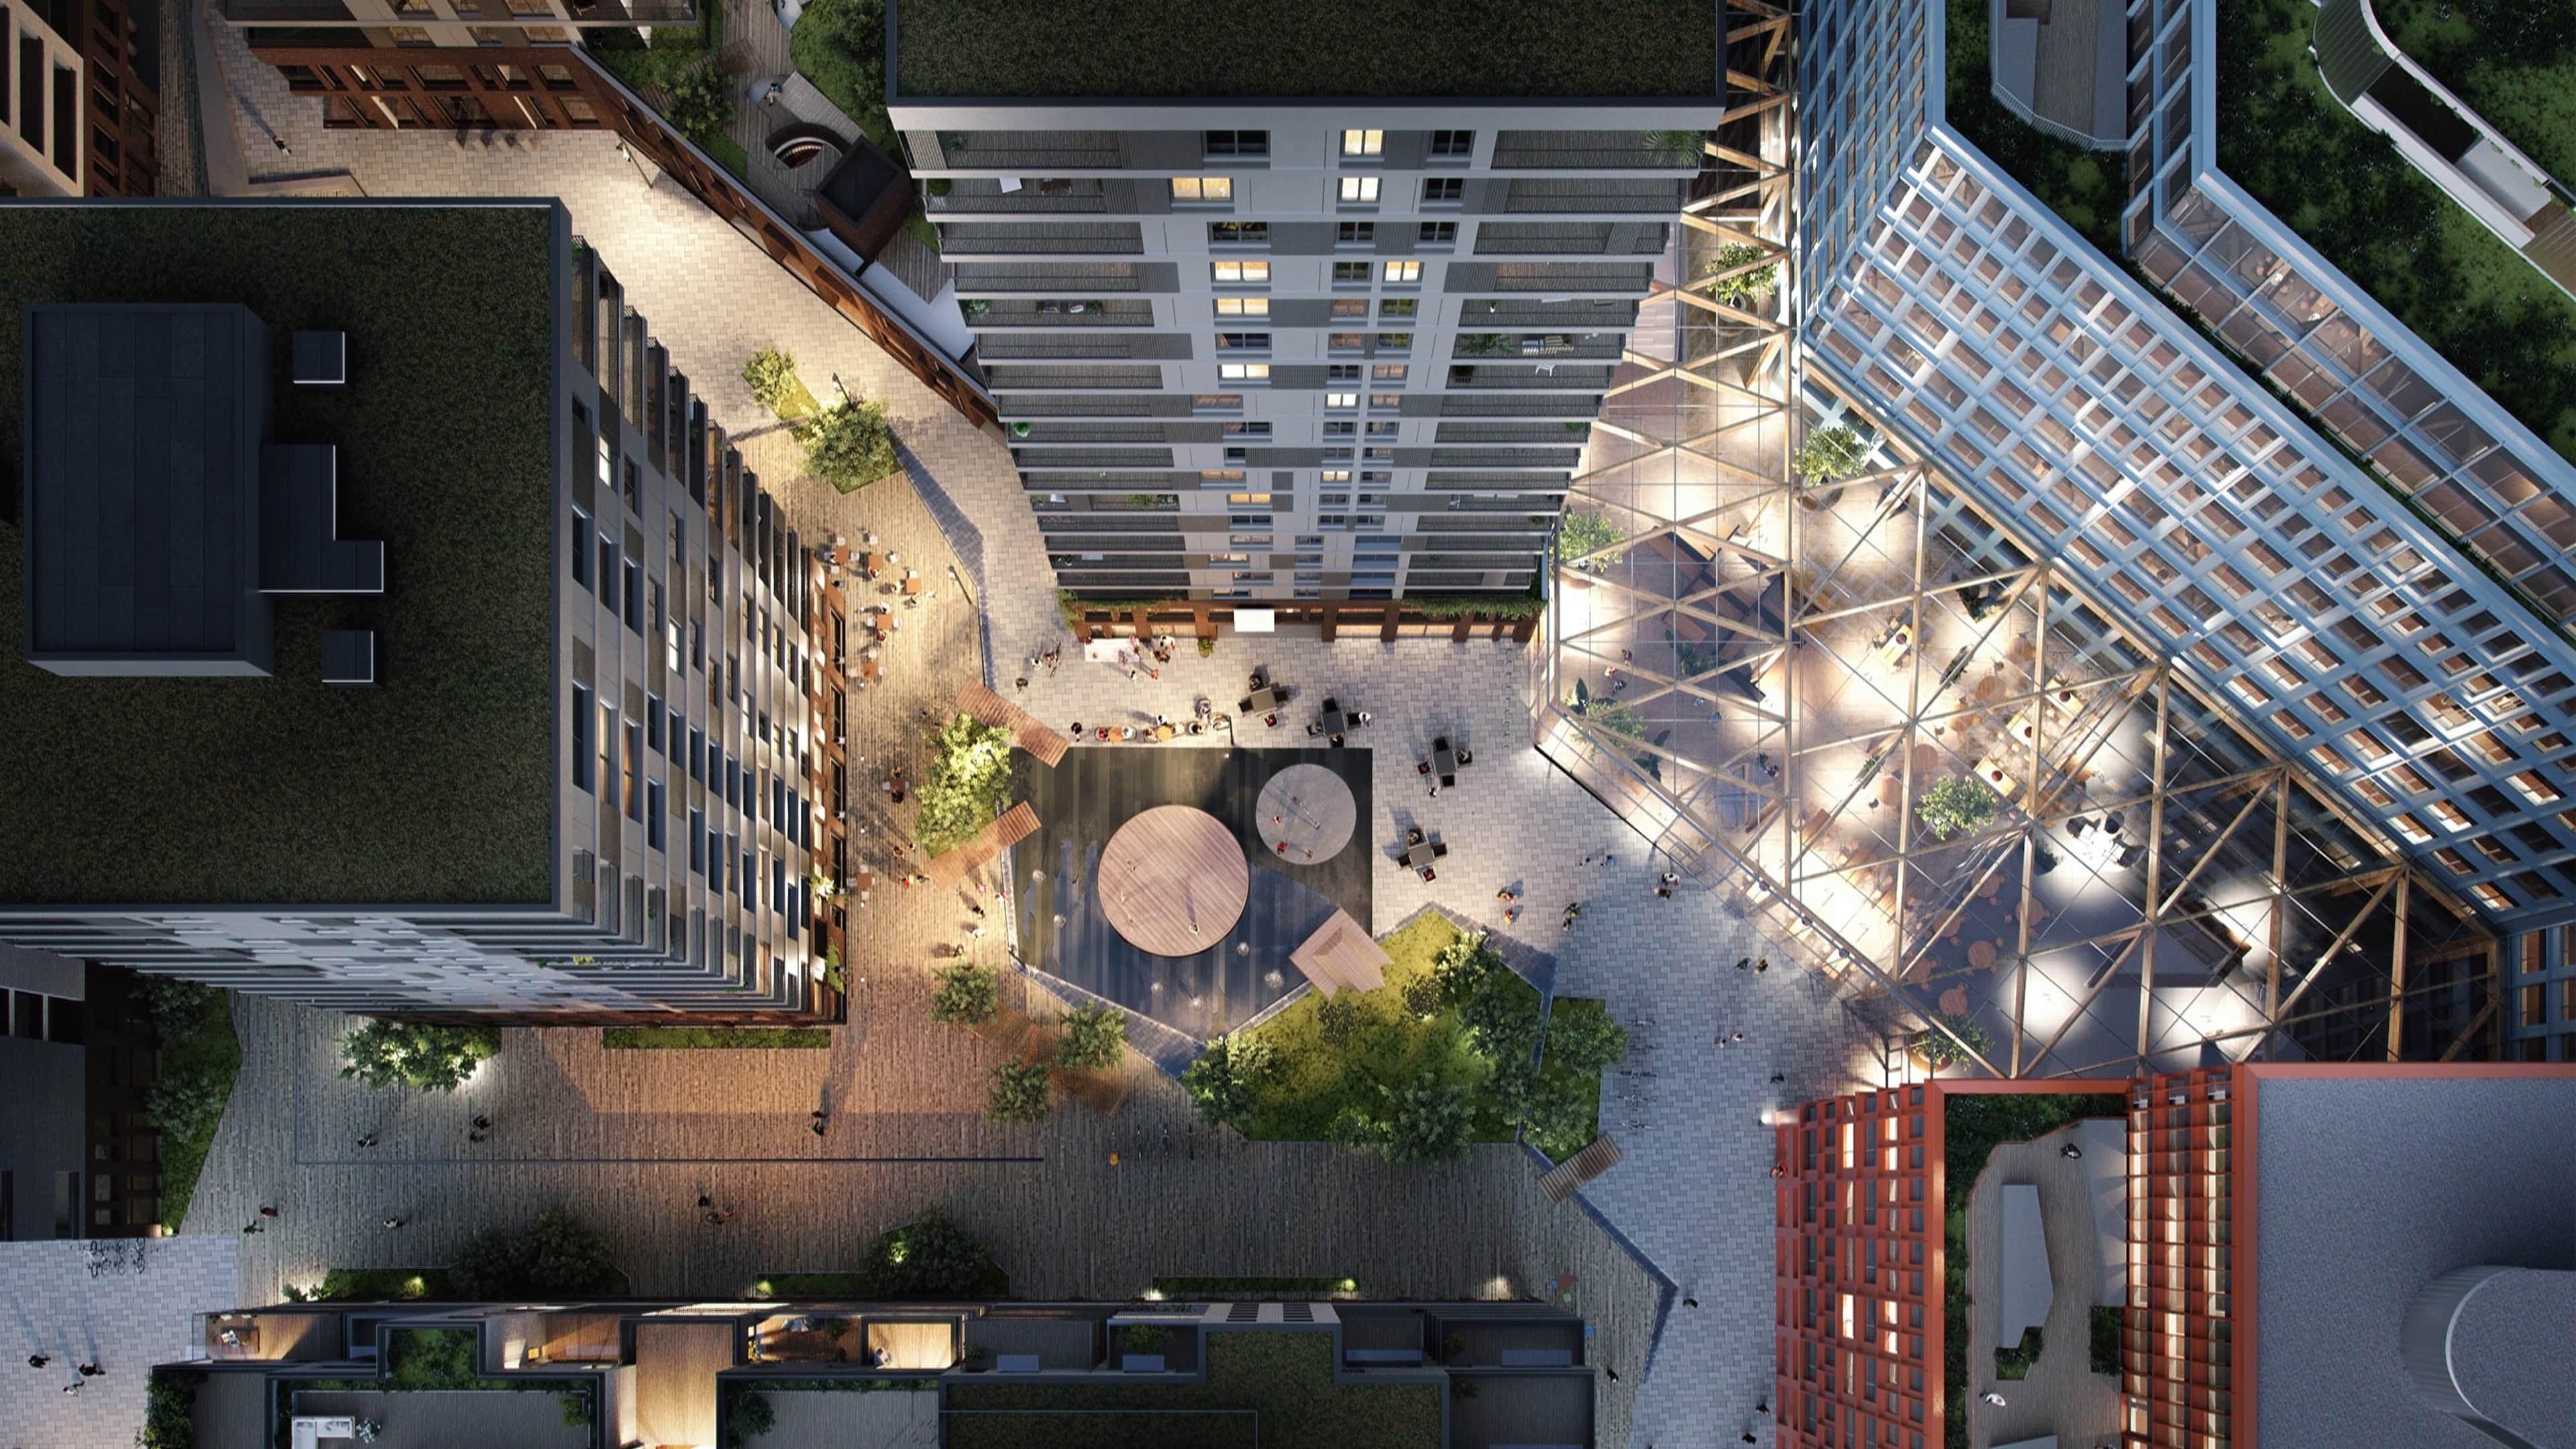 Stor-Oslo Eiendom utvikler prosjektet Meierikvartalet i en samspillsentreprise med BundeBygg AS, og i samarbeid med DARK arkitekter. Illustrasjon: Stor-Oslo Eiendom, Meierikvartalet